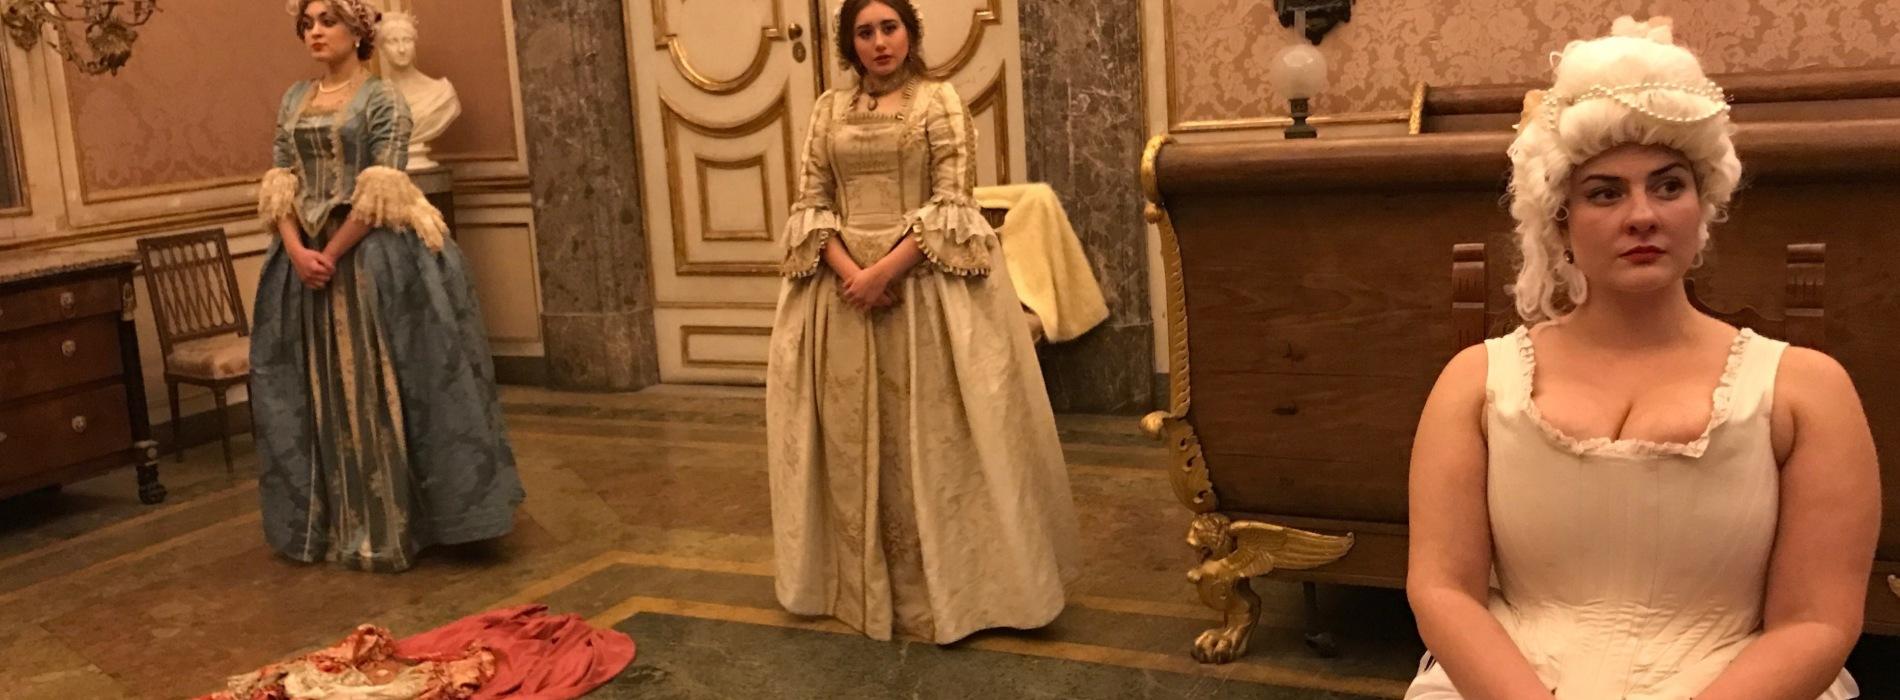 La vestizione di Maria Carolina, che spettacolo alla Reggia